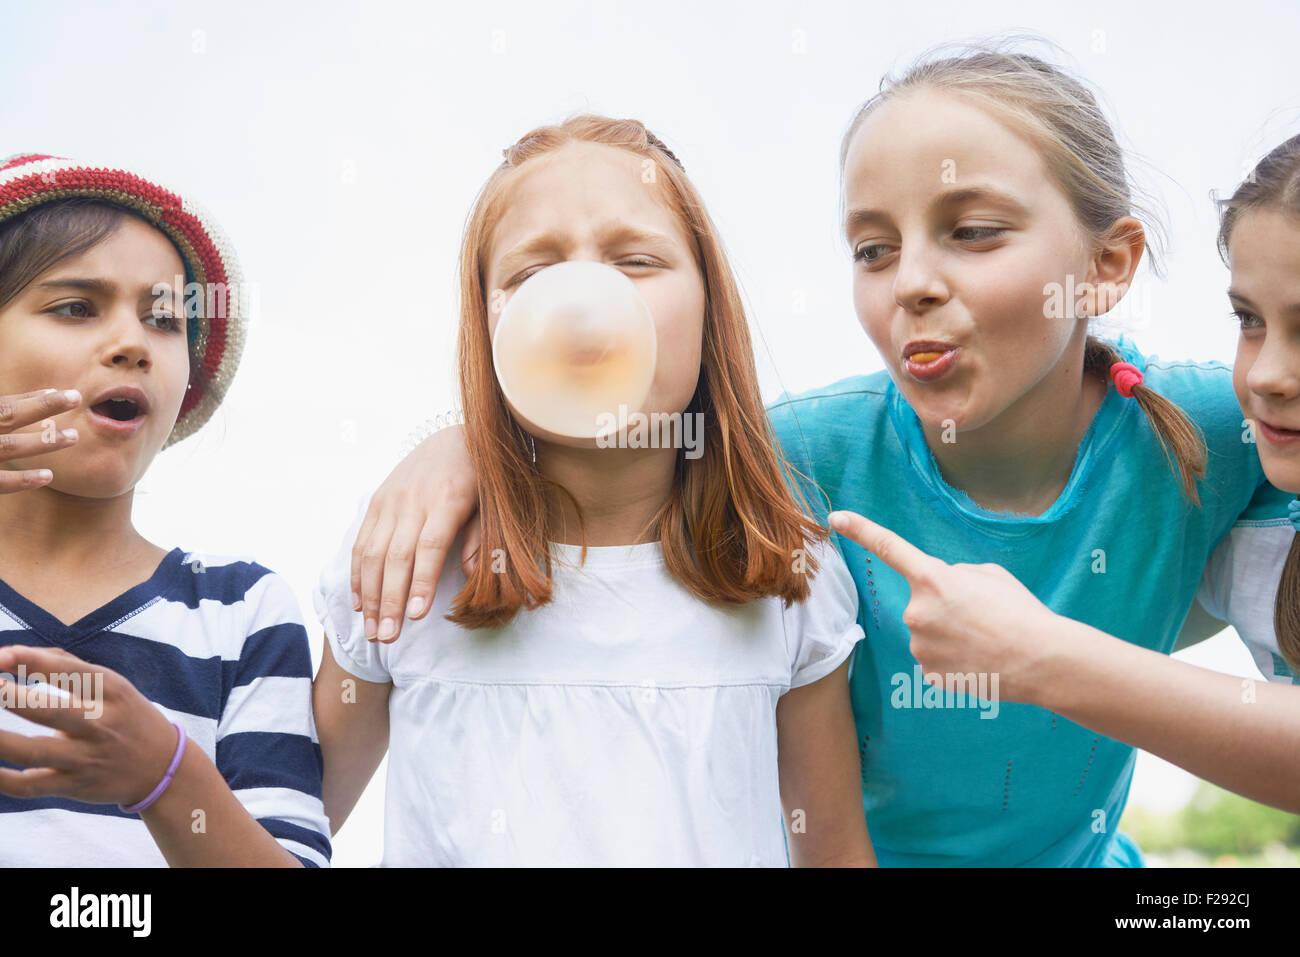 Le ragazze a giocare con bolla di gomme, Baviera, Germania Immagini Stock